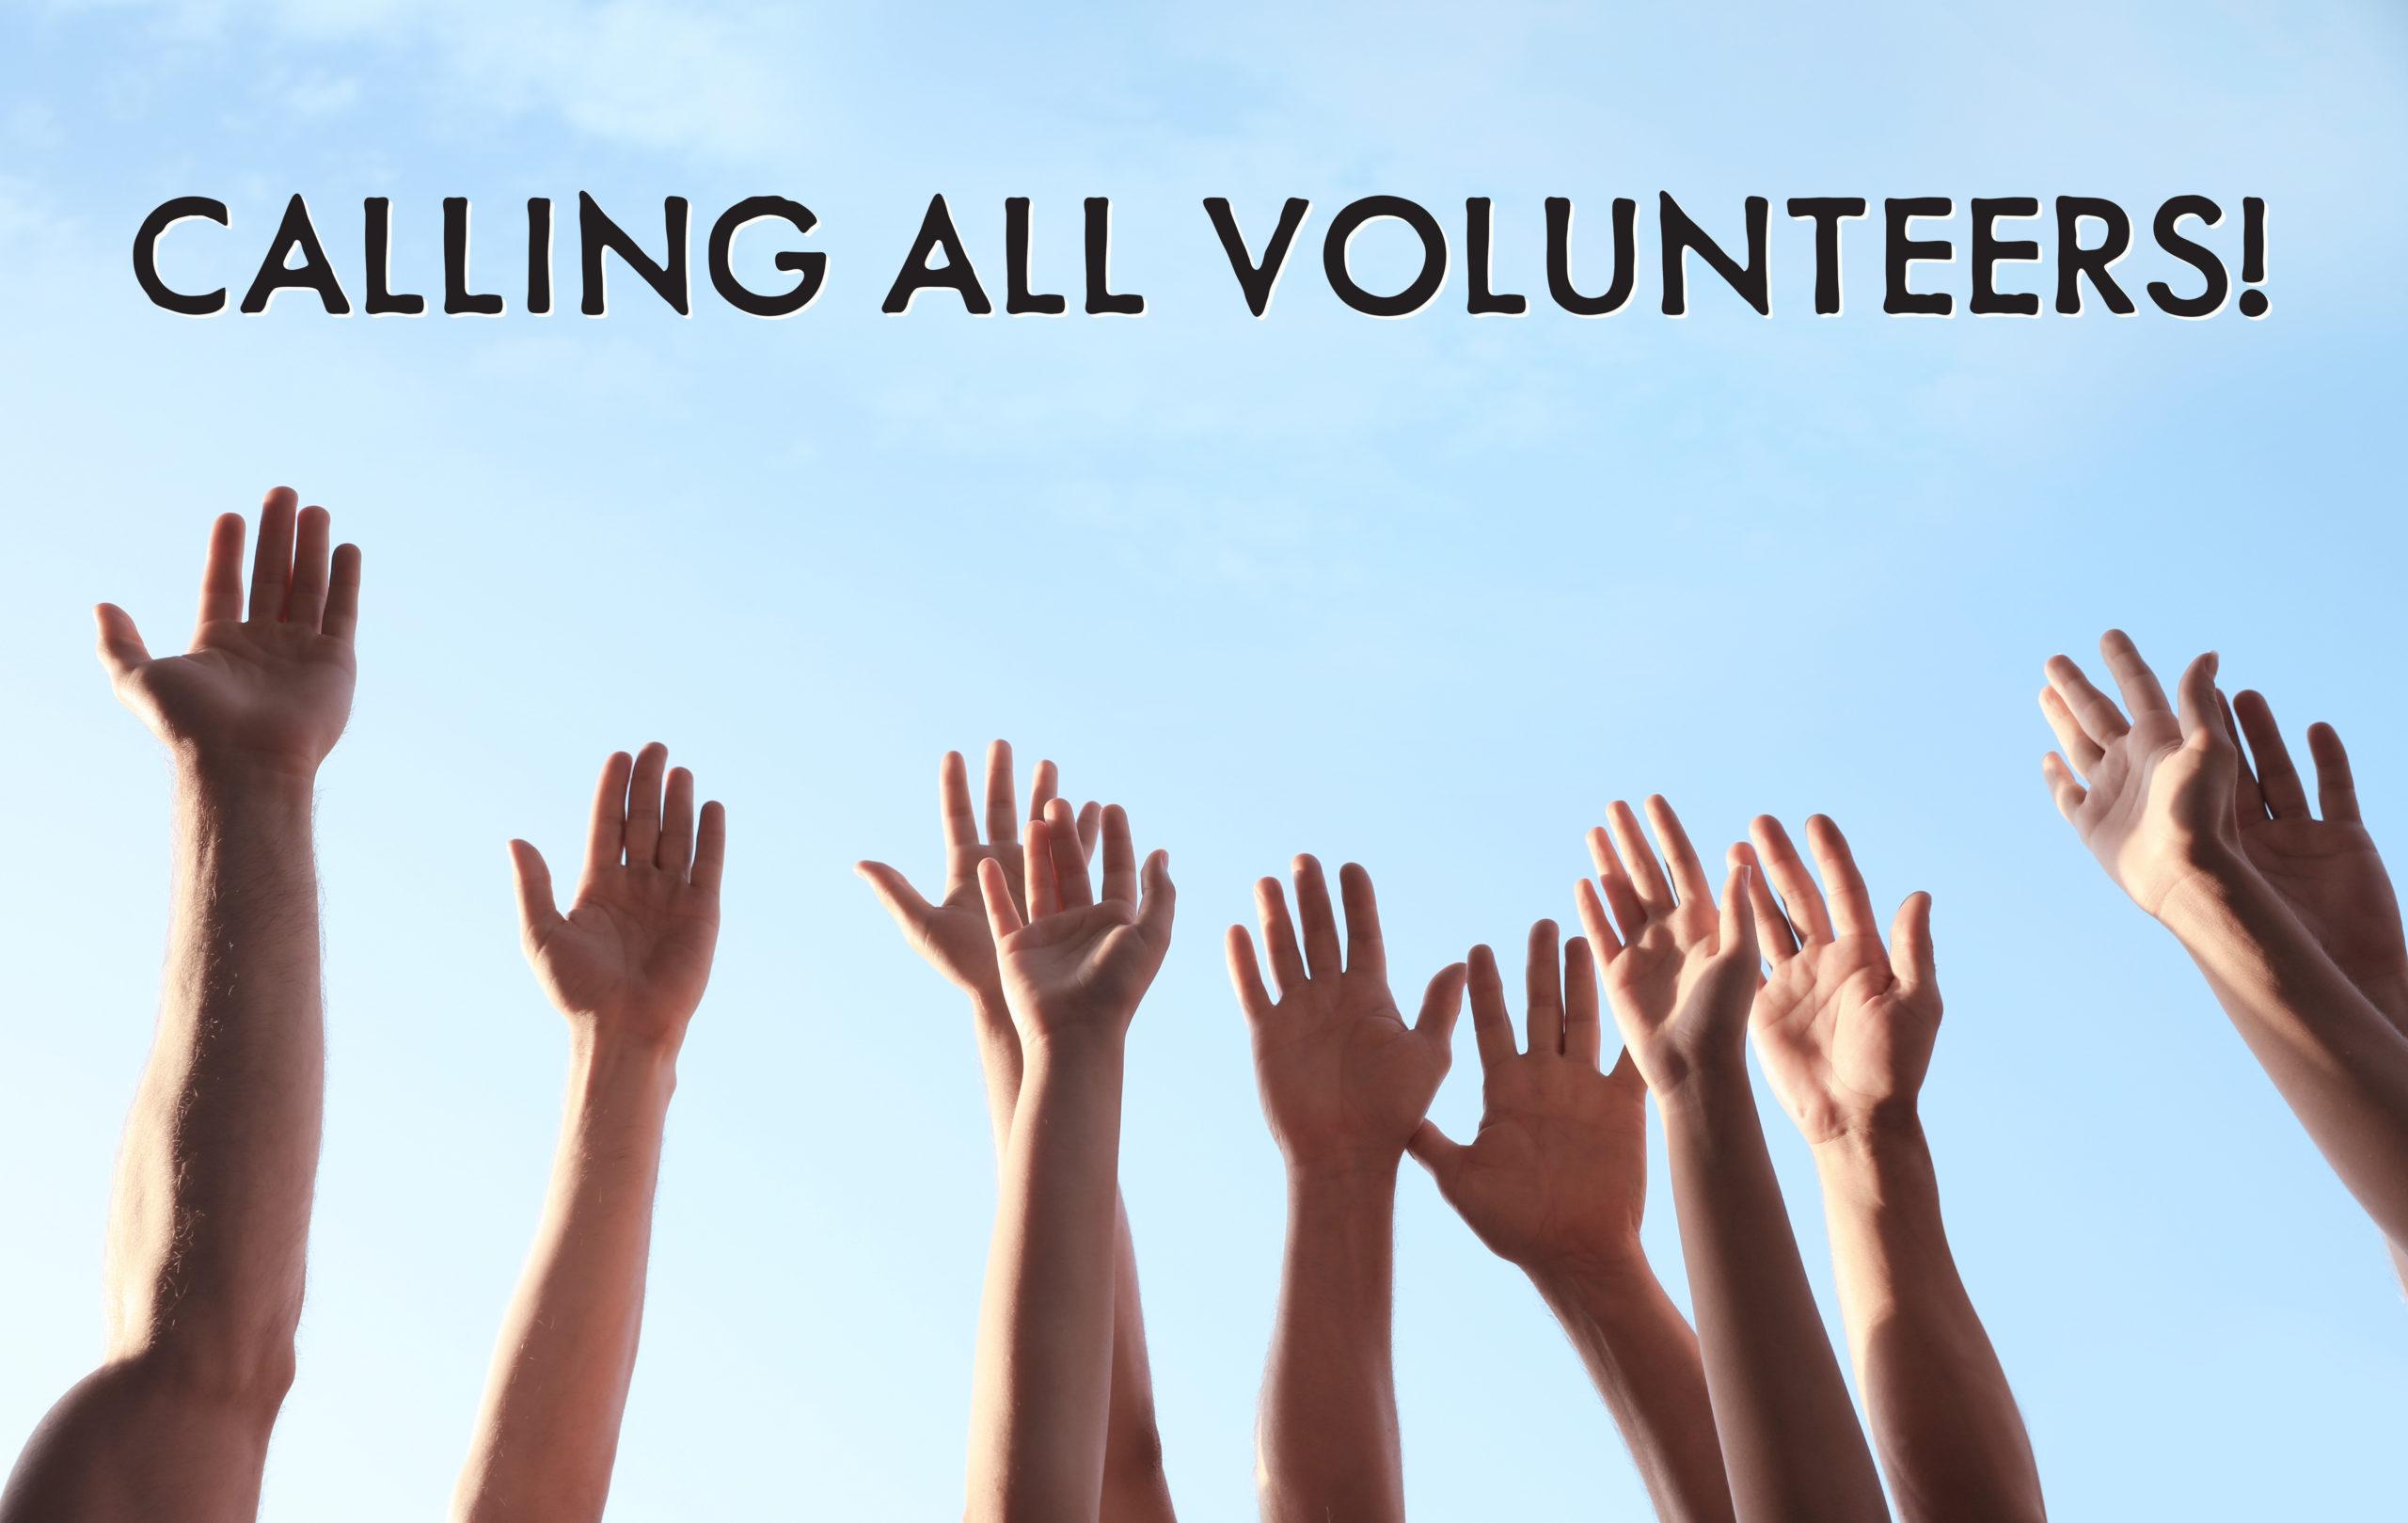 volunteers image